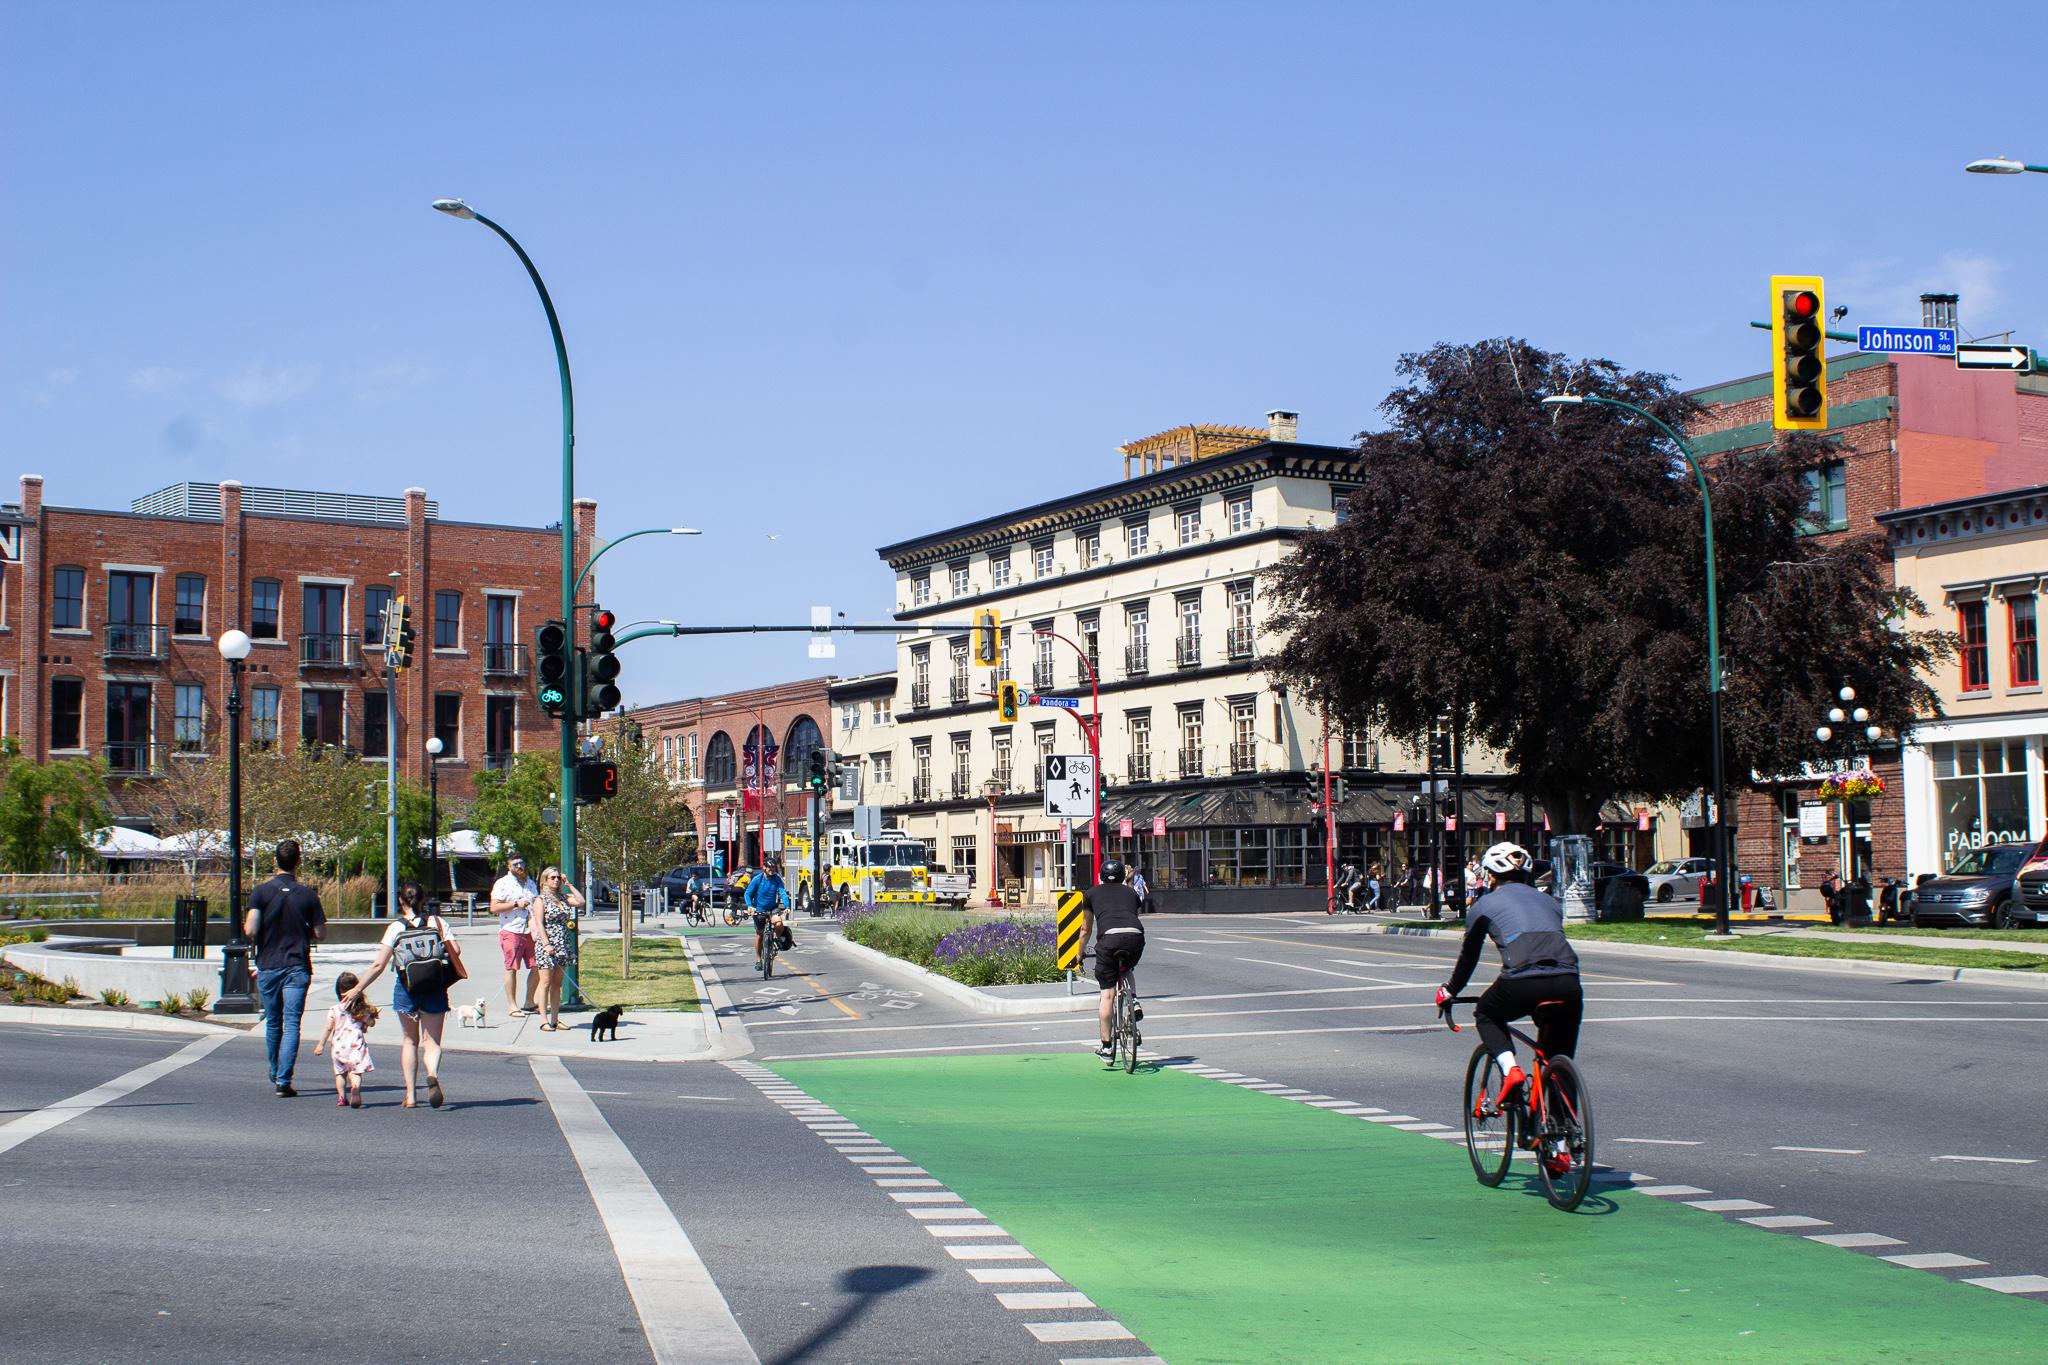 The Economy Builders: City of Victoria